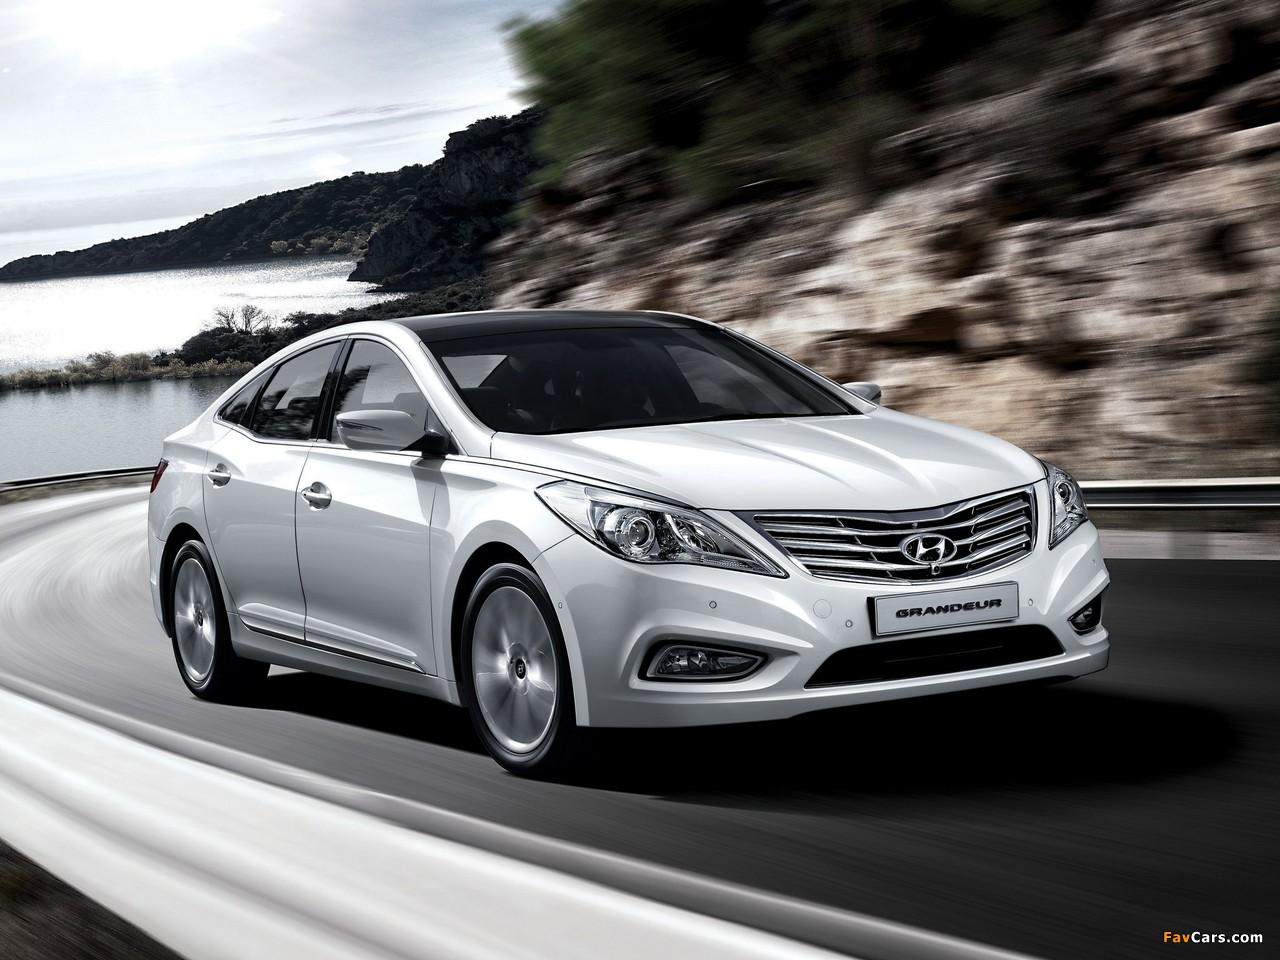 Hyundai Grandeur Hg 2011 Images 1280x960